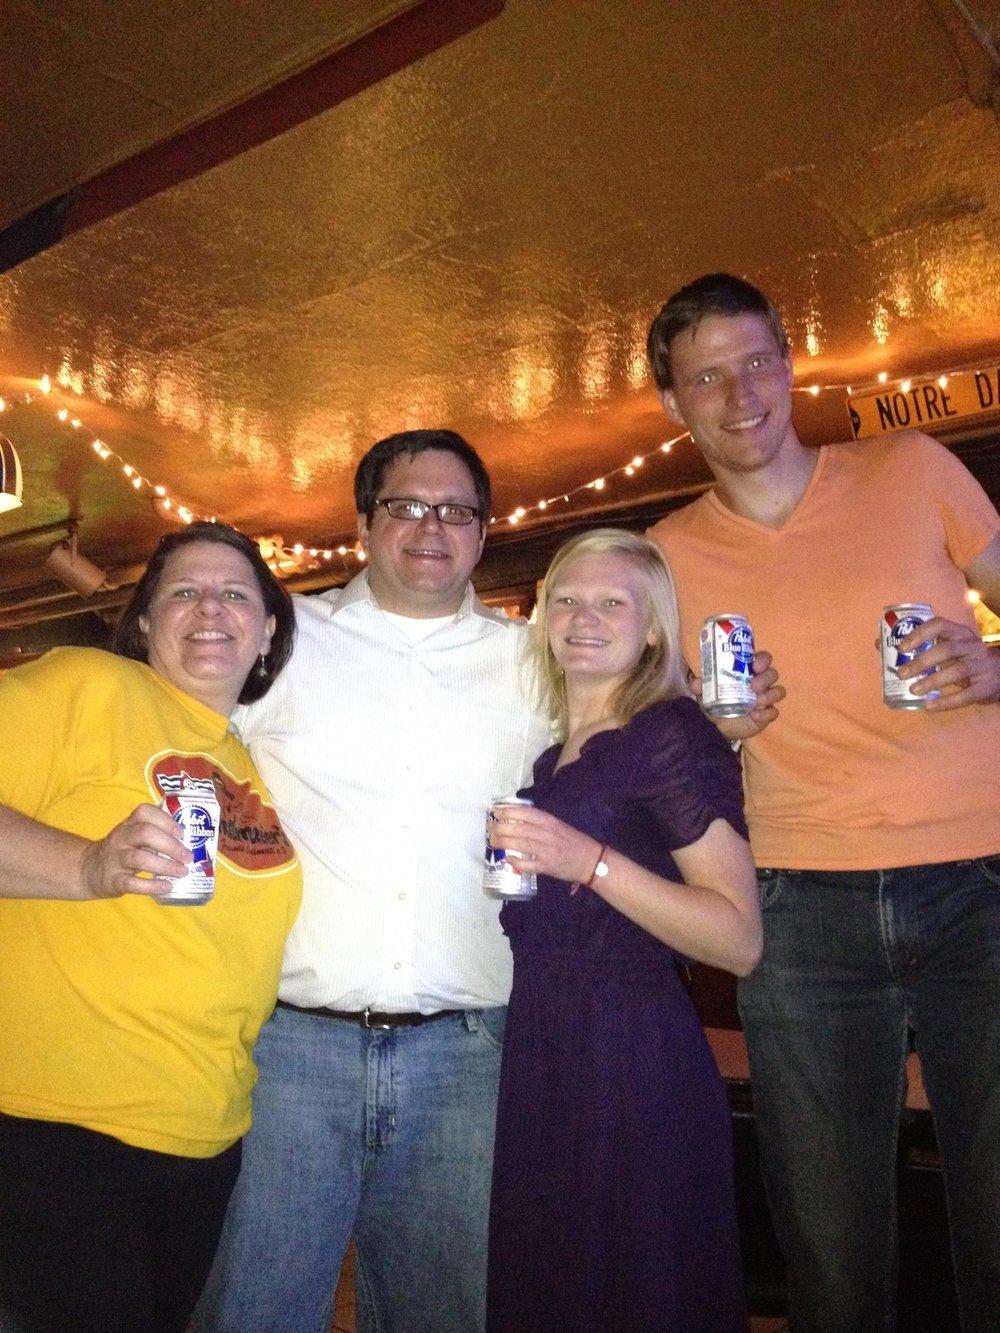 2012-06-08_pub_crawl_02.jpg